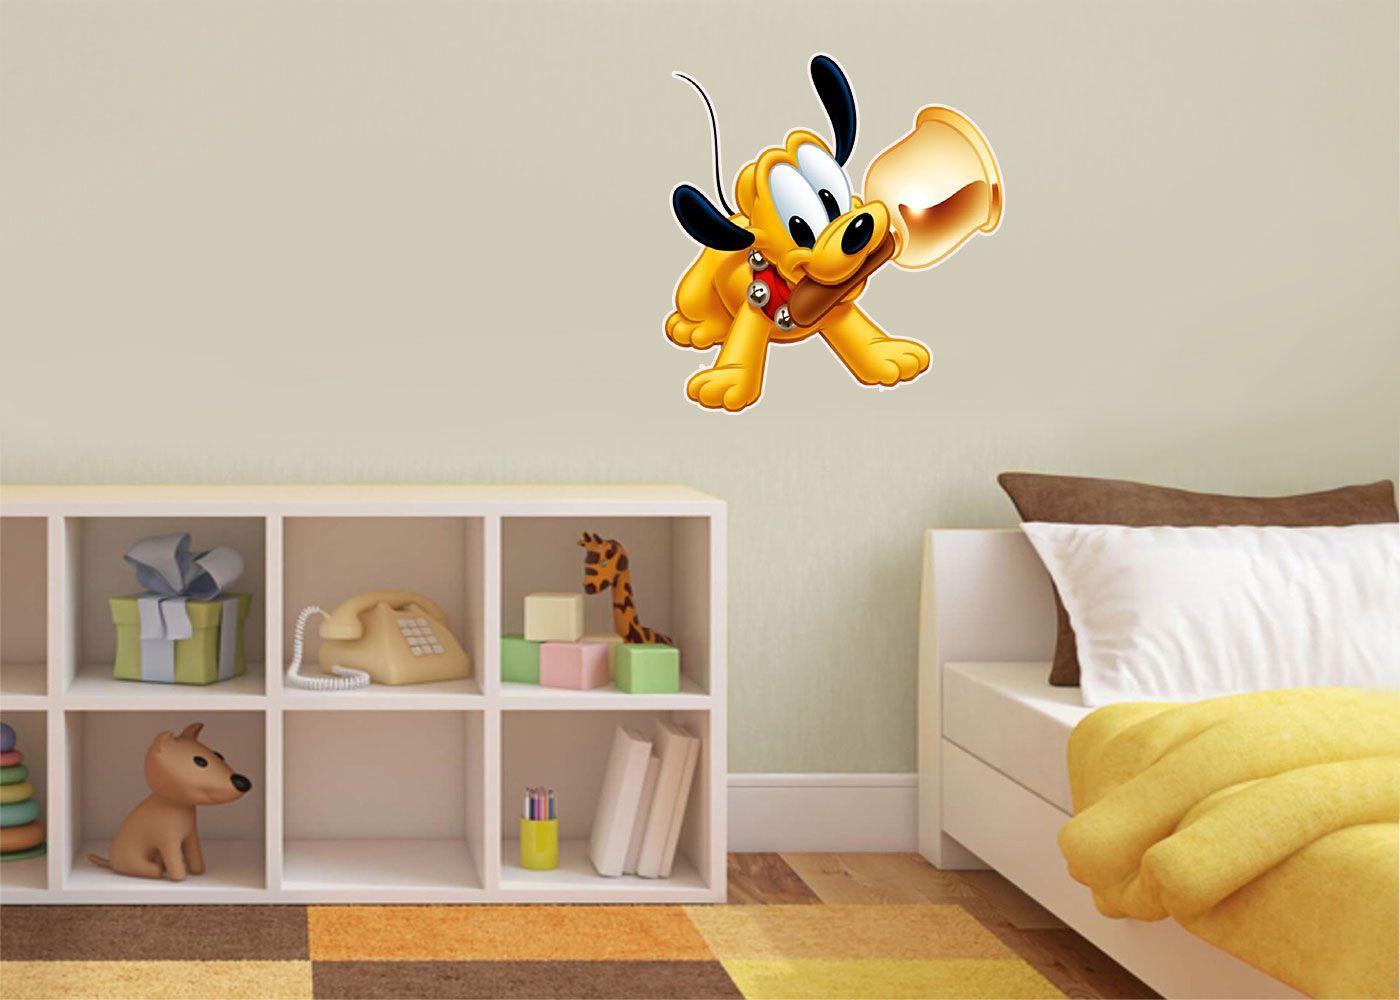 Adesivo Decorativo Mickey 0044  - Paredes Decoradas